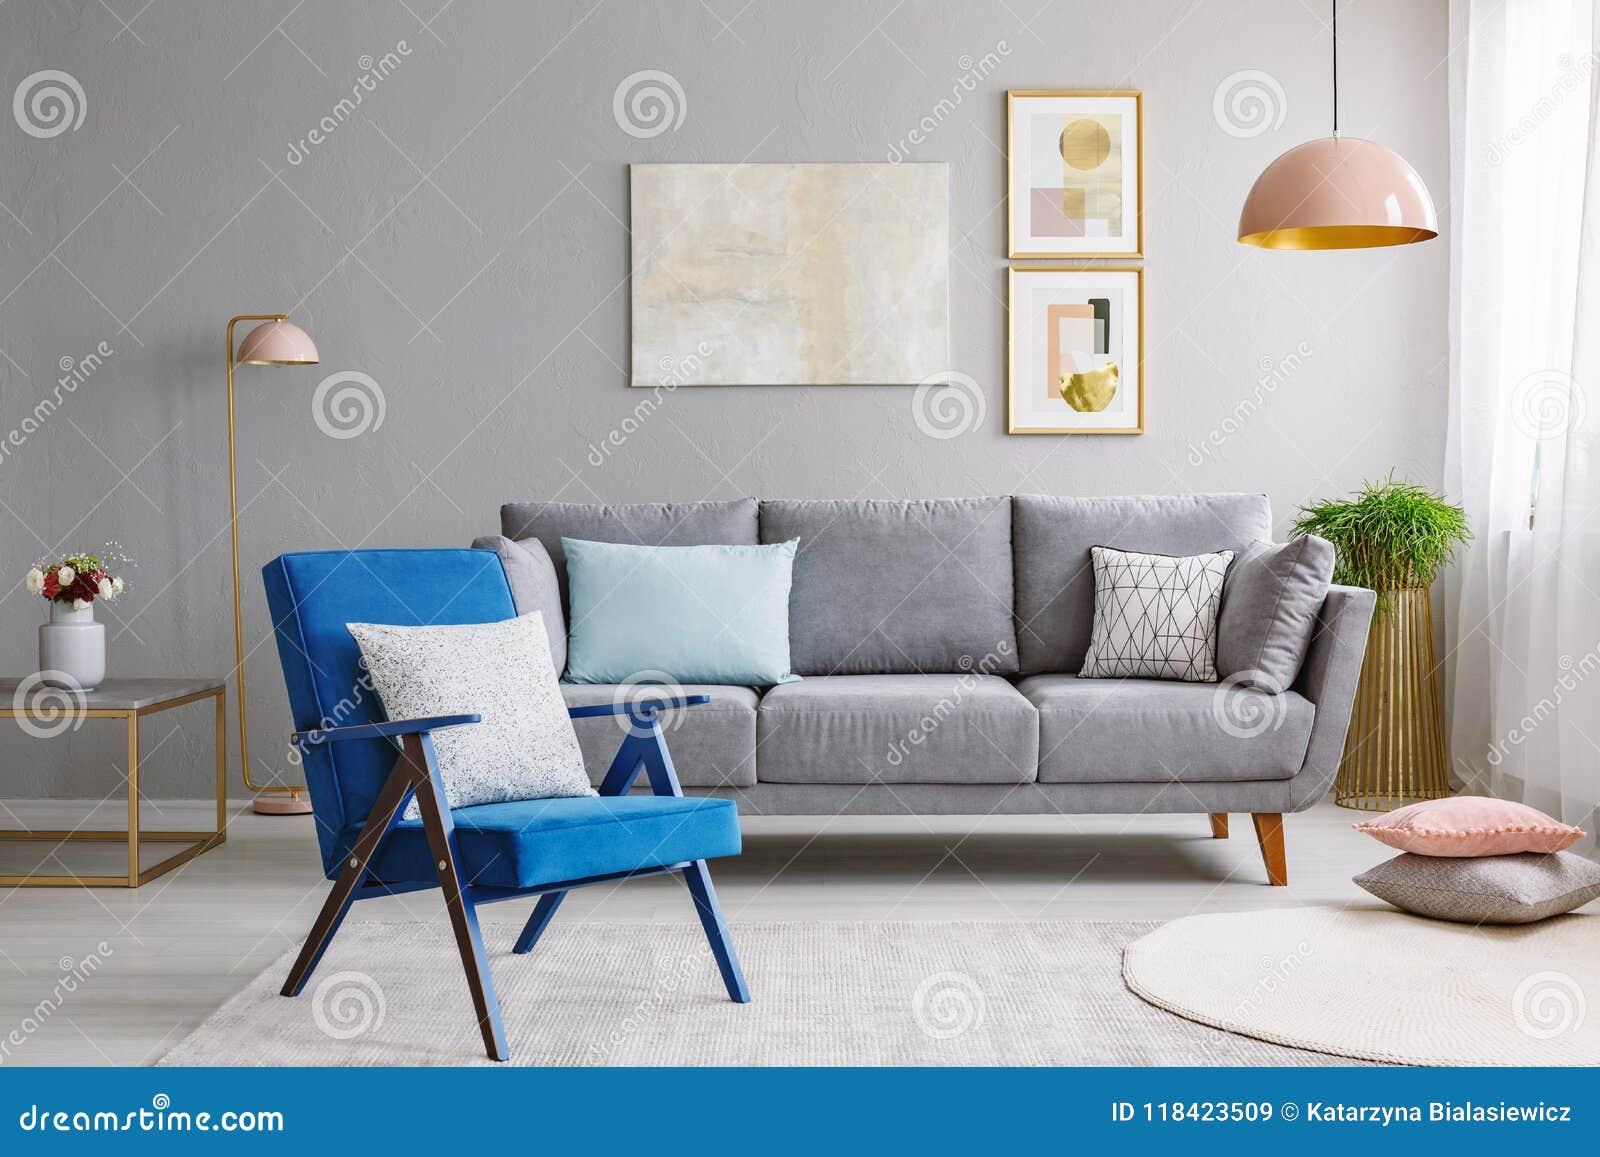 Butaca azul cerca del canapé gris en los wi interiores de la sala de estar moderna